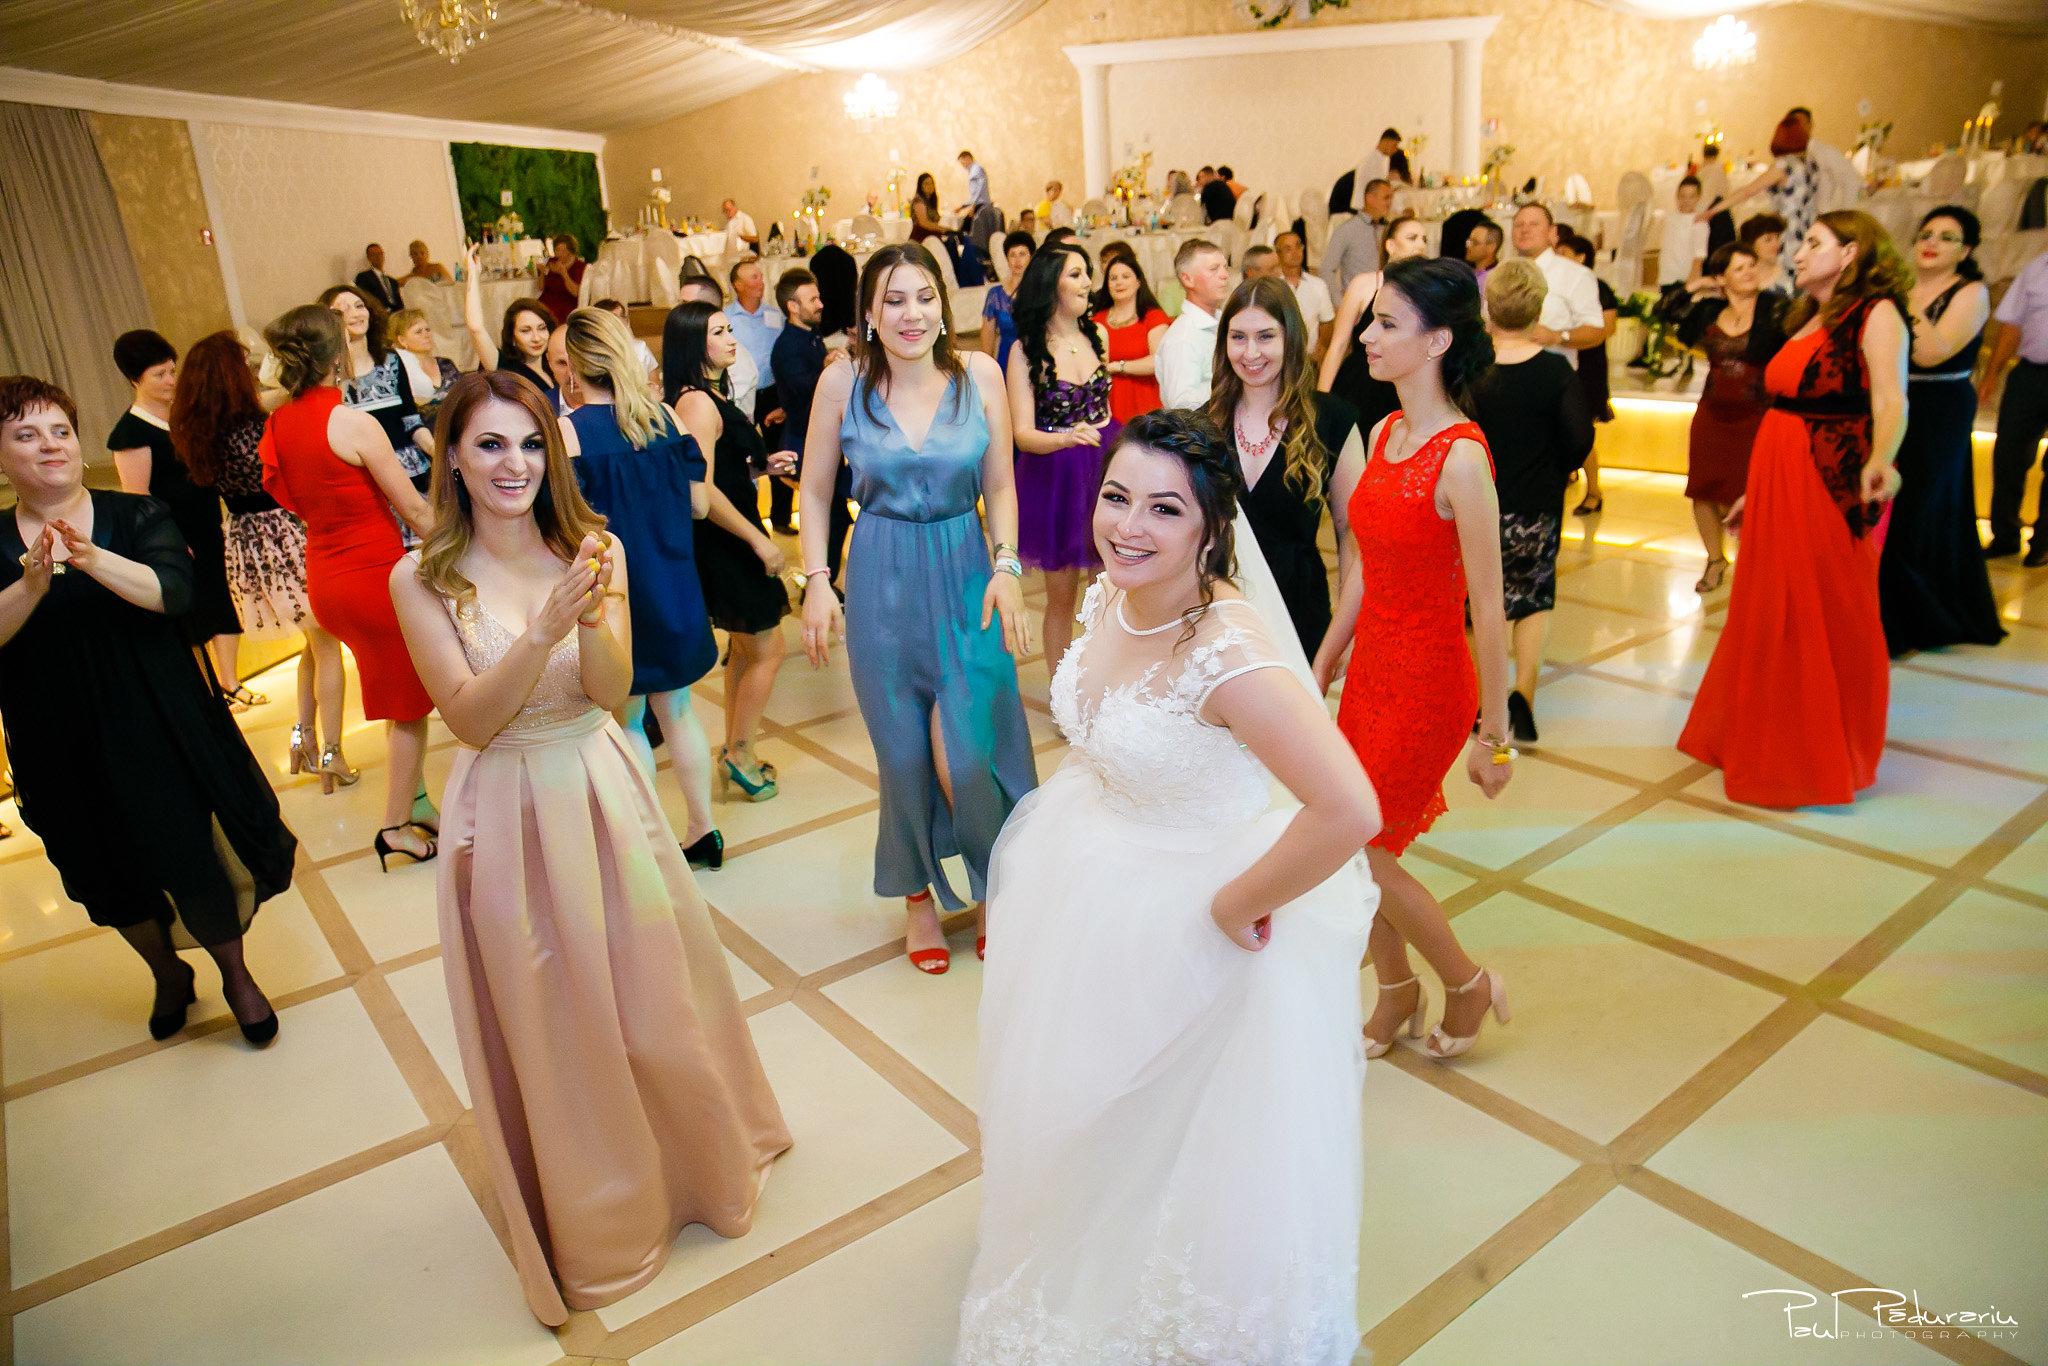 Nunta la Castel Iasi Ana-Maria si Marius fotograf profesionistwww.paulpadurariu.ro © 2018 Paul Padurariu 20